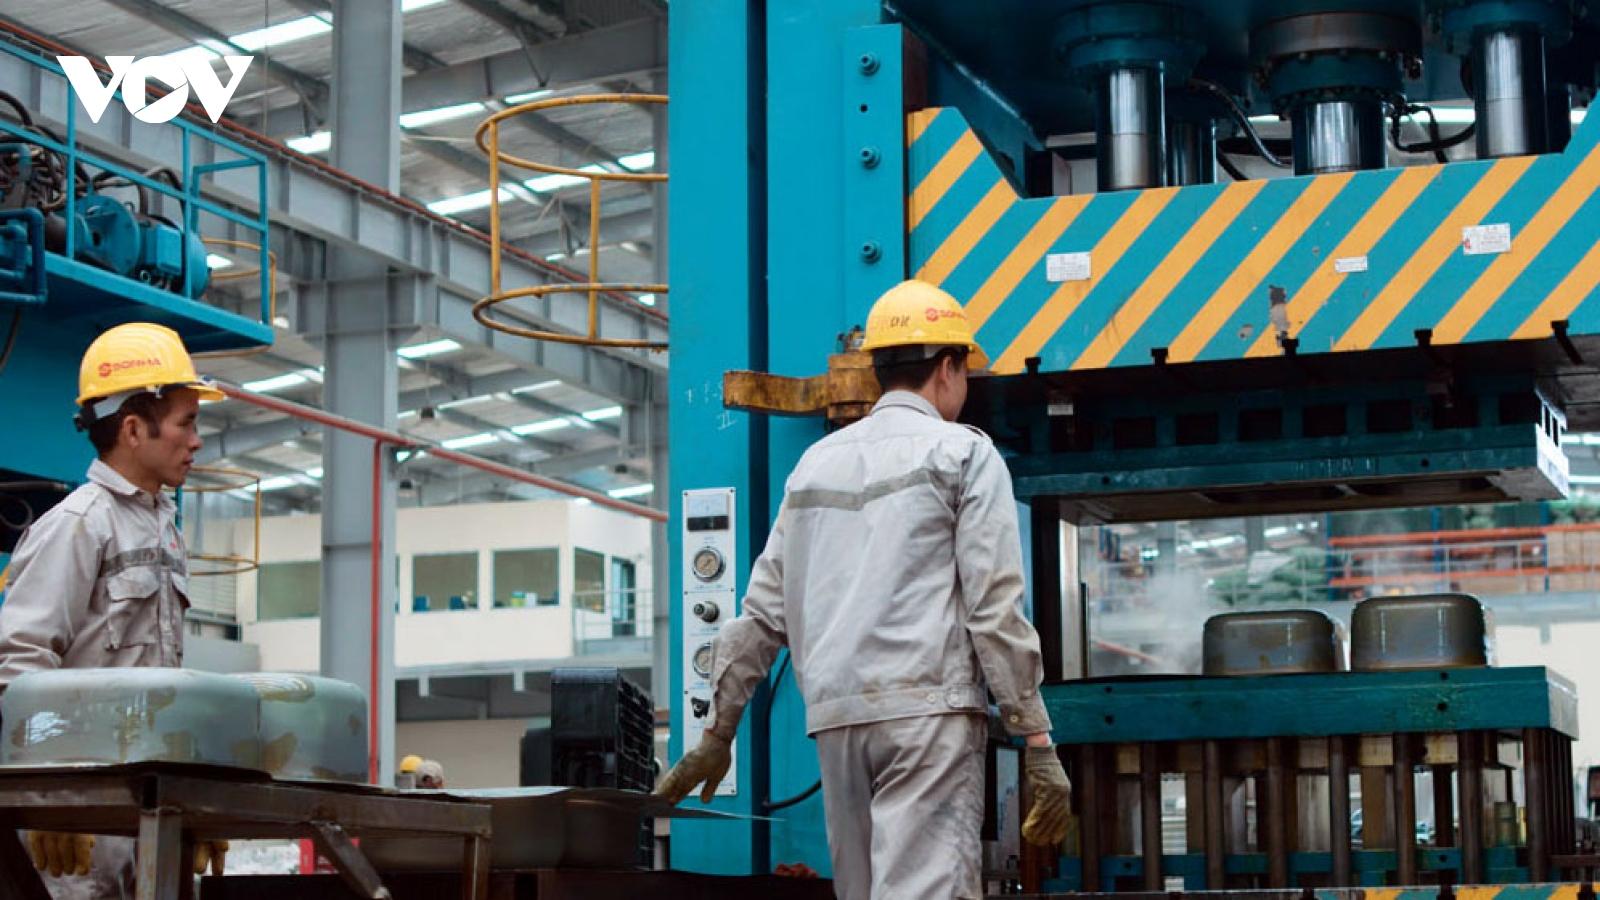 Nhiều chính sách thúc đẩy công nghiệp sớm được ban hành trong năm 2020